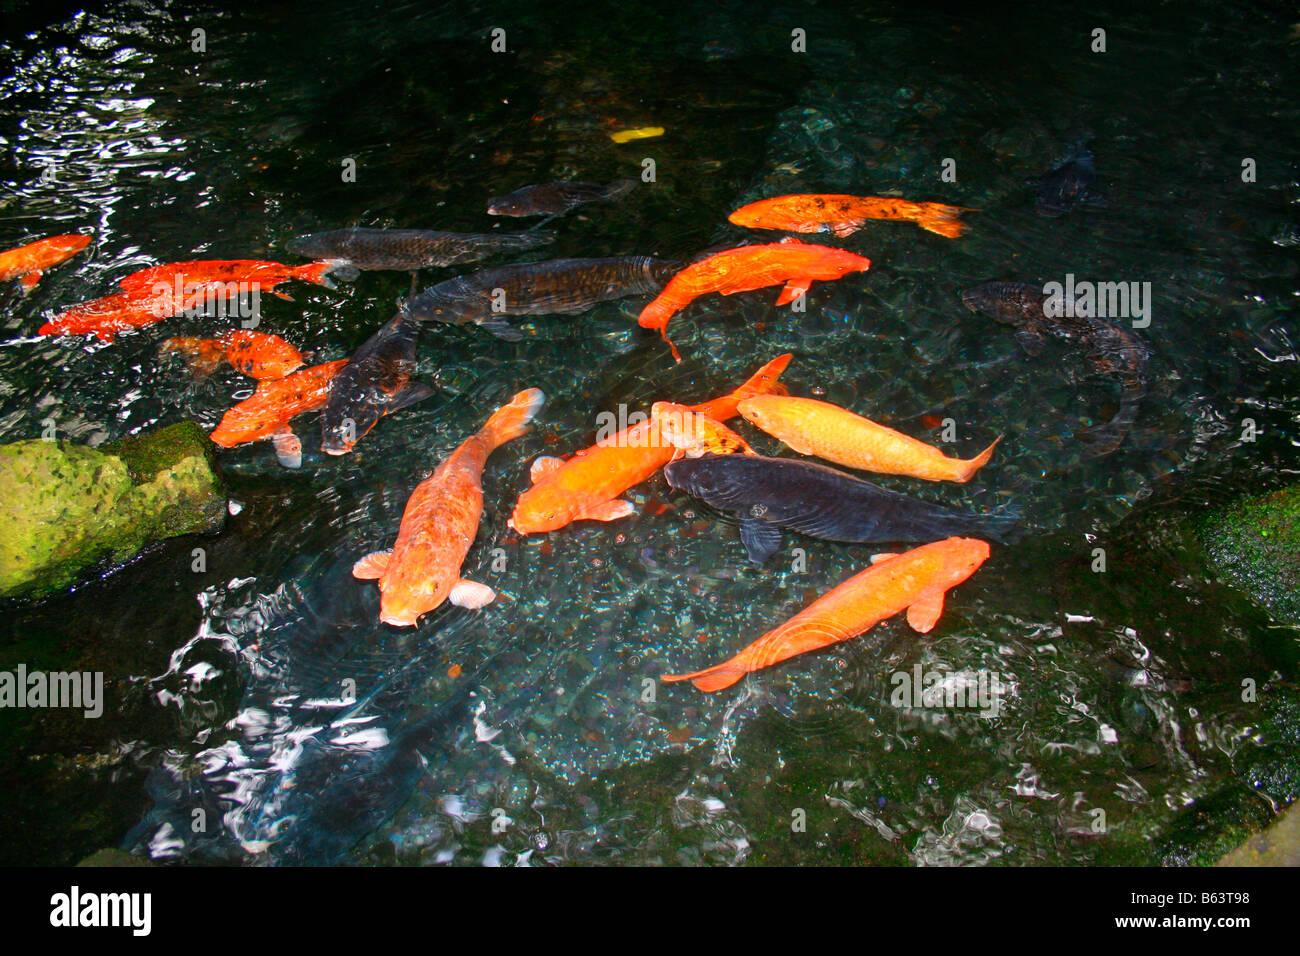 Koi swimming in fish pond stockfotos koi swimming in for Koi pool lancashire